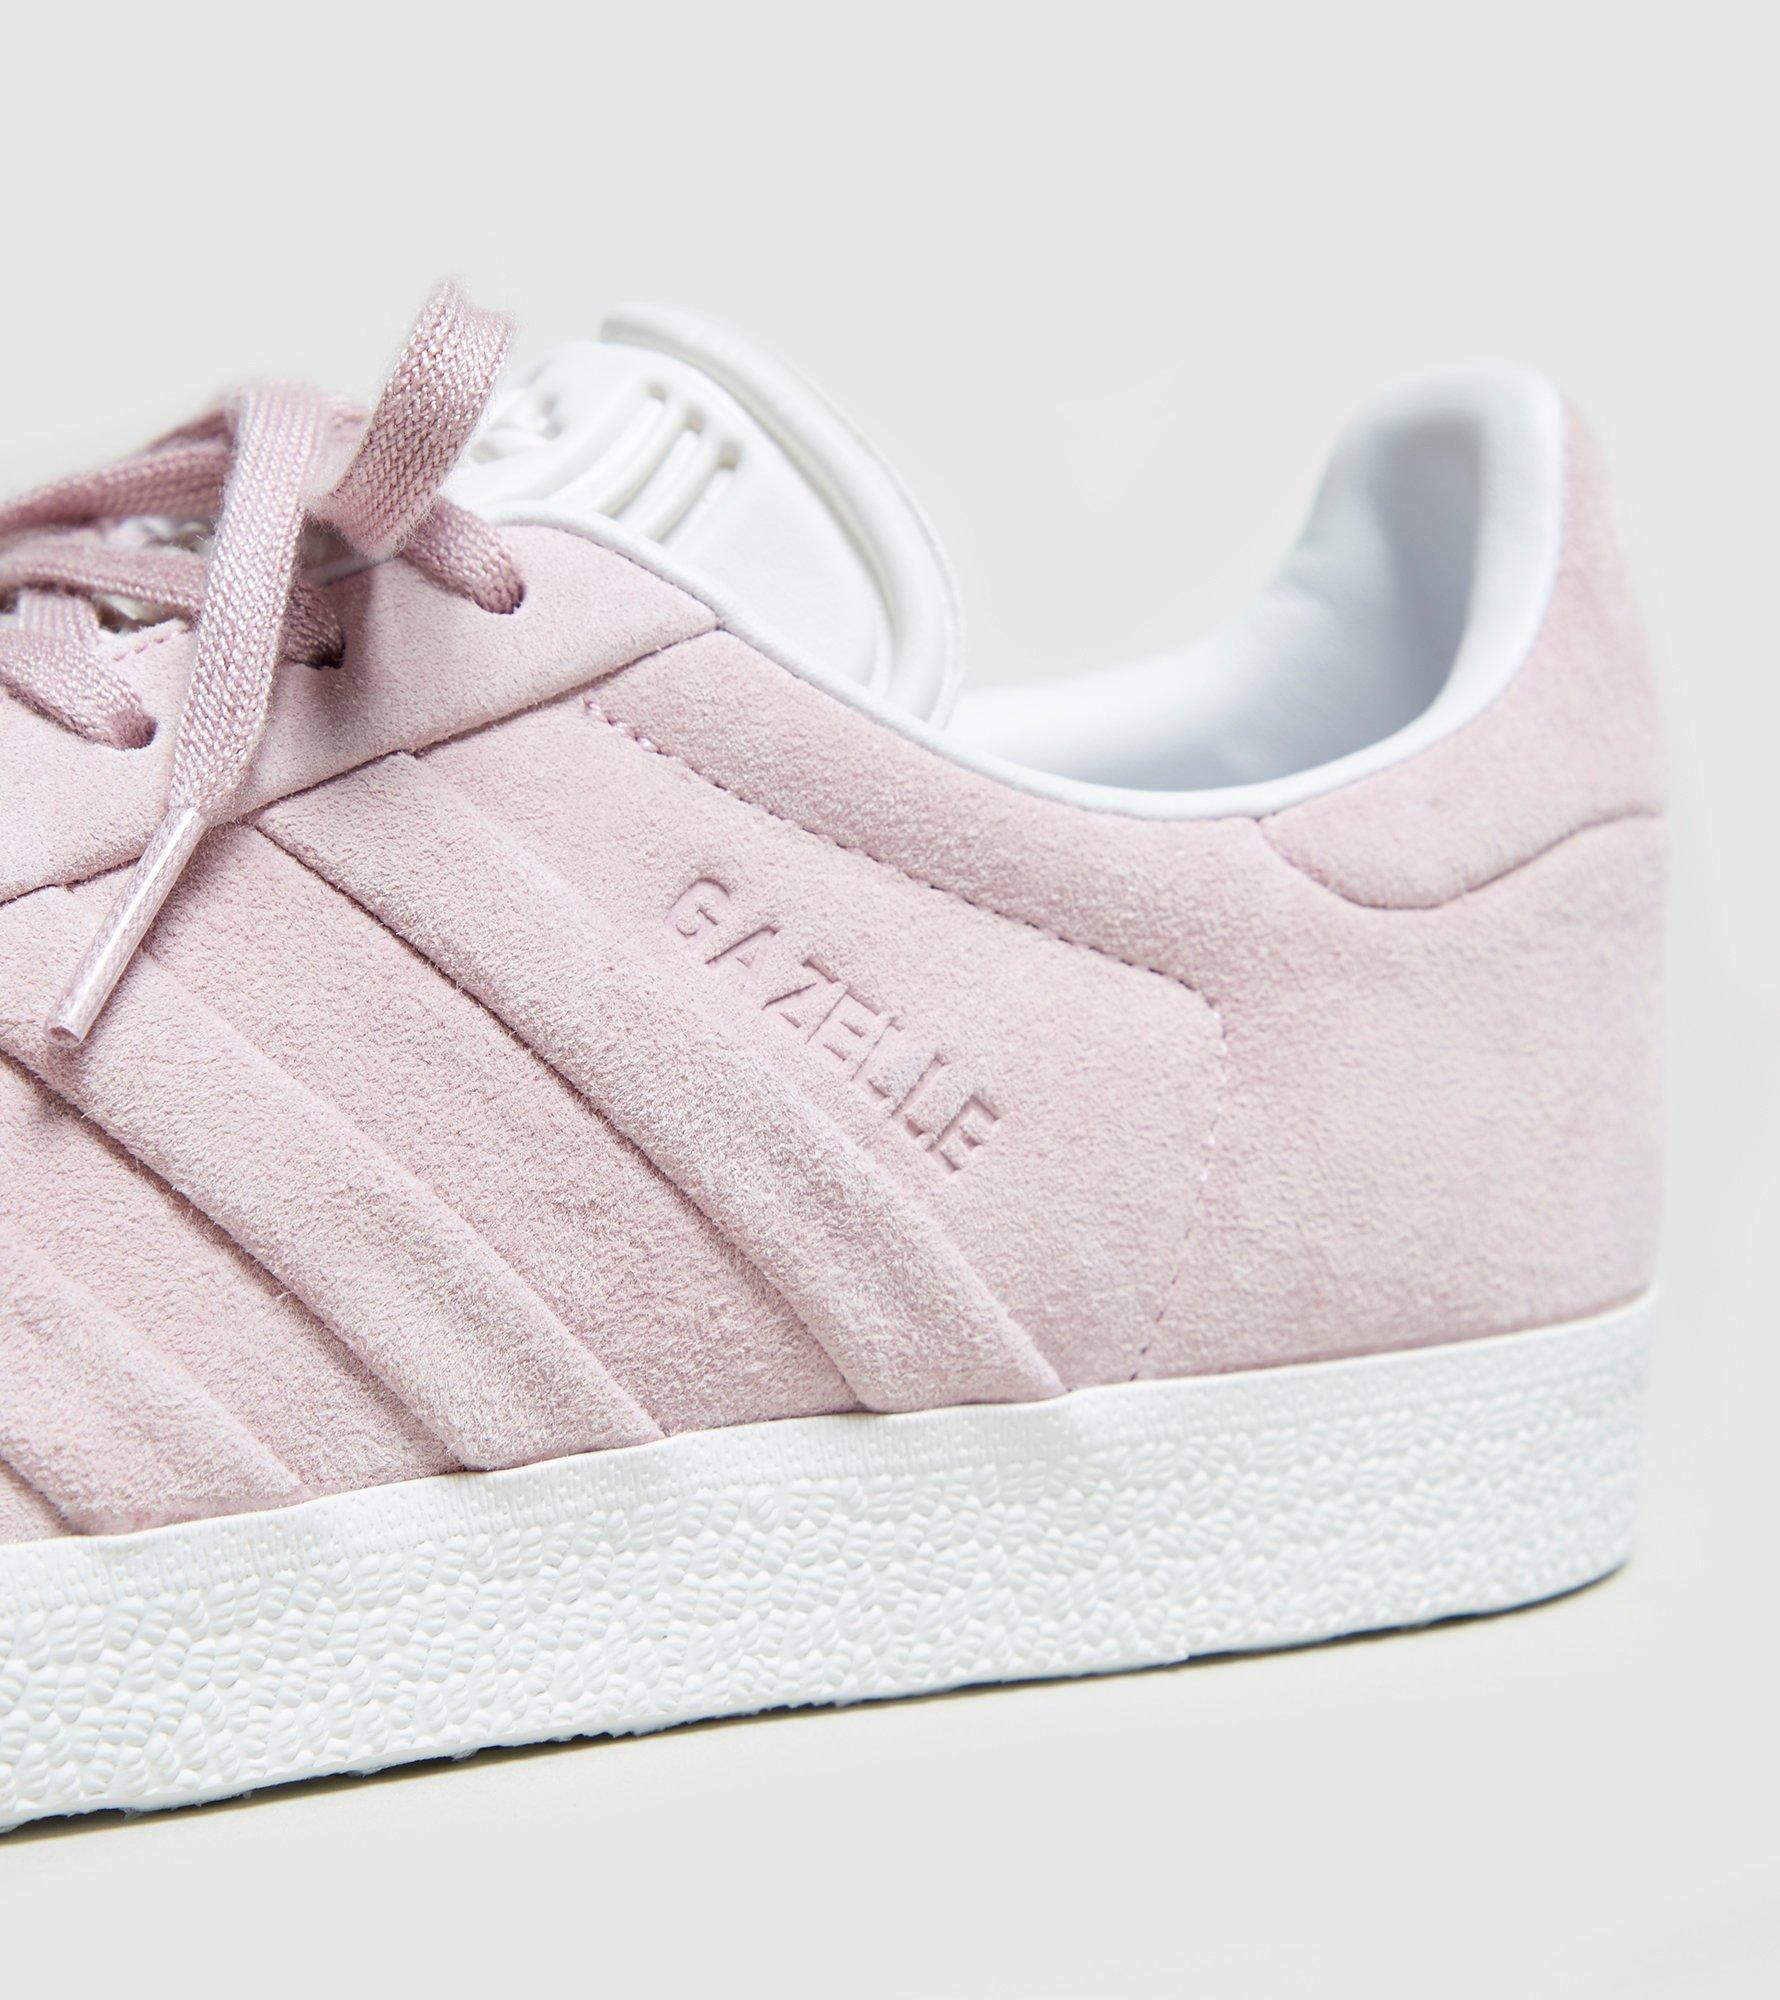 lyst adidas originals gazelle stitch und frauen in pink